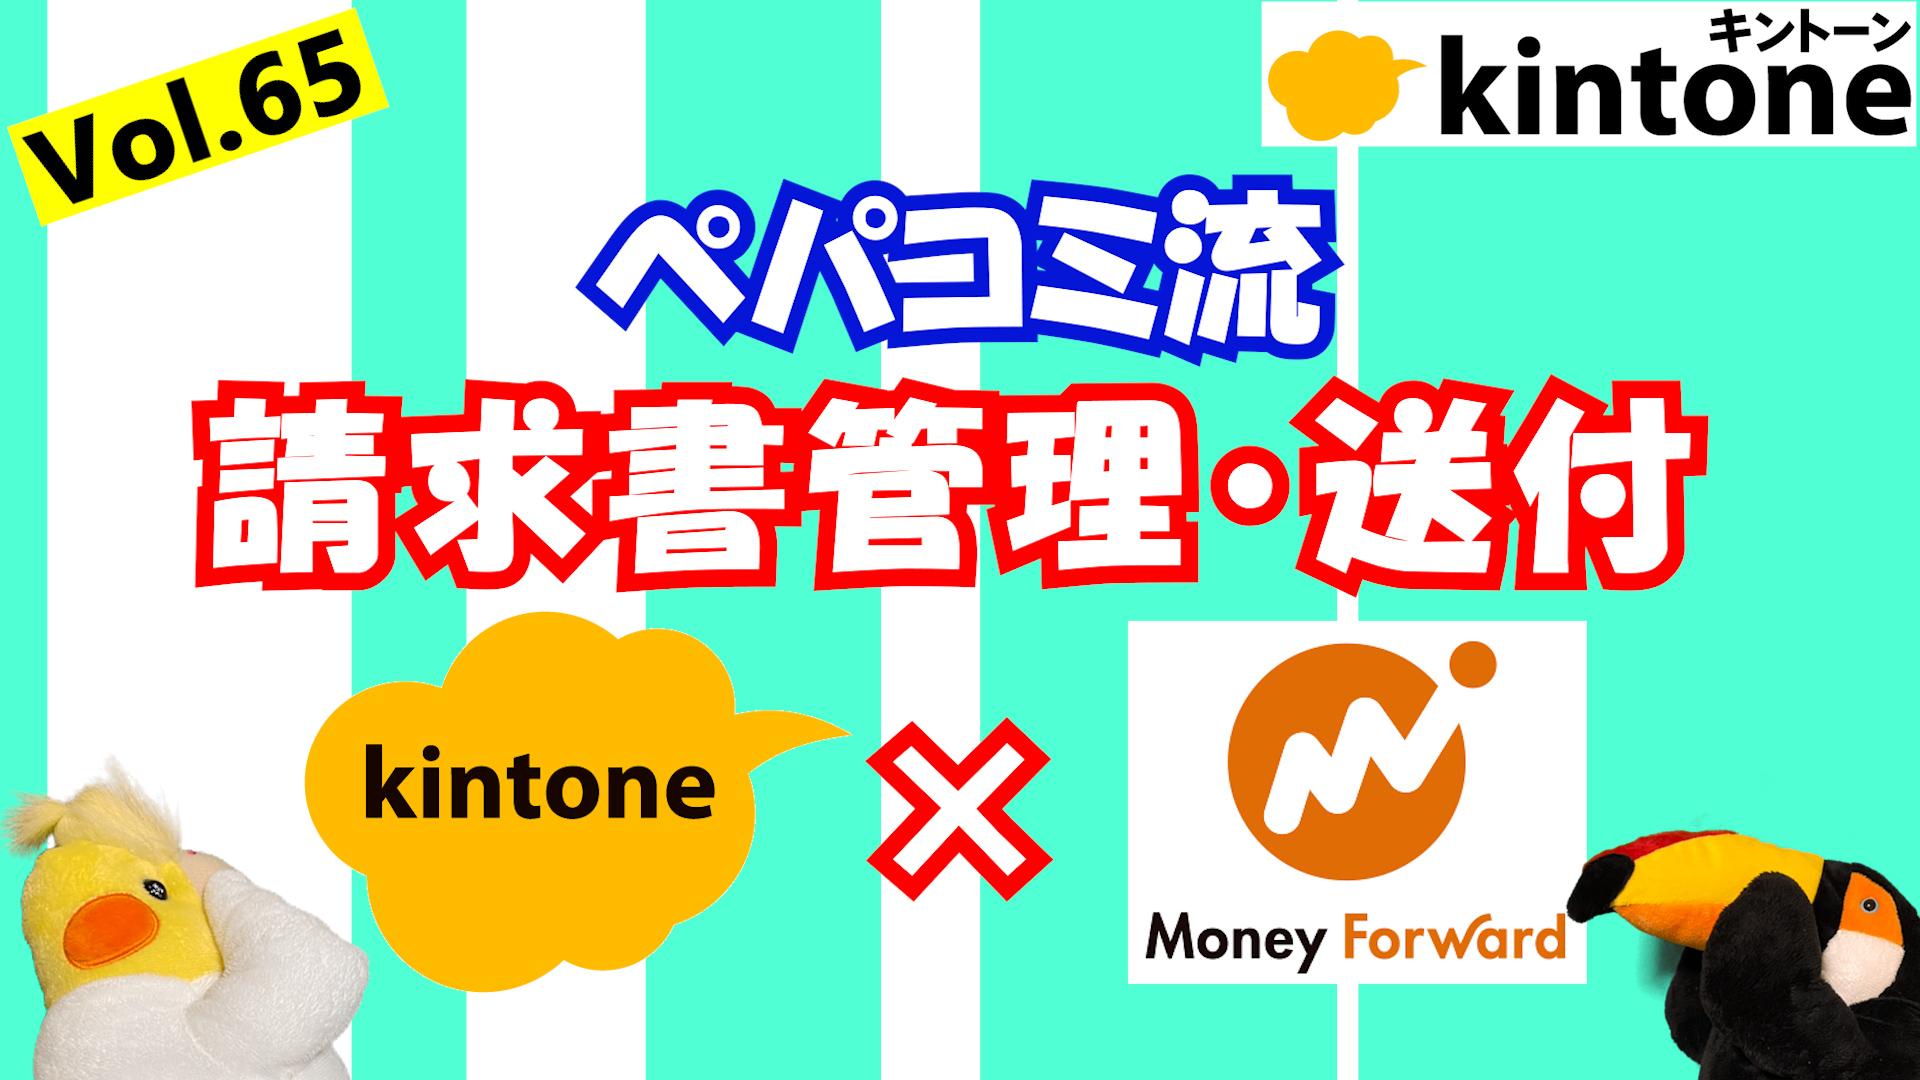 kintoneとマネーフォワードを使った請求書発行・送付方法を見せます【動画】